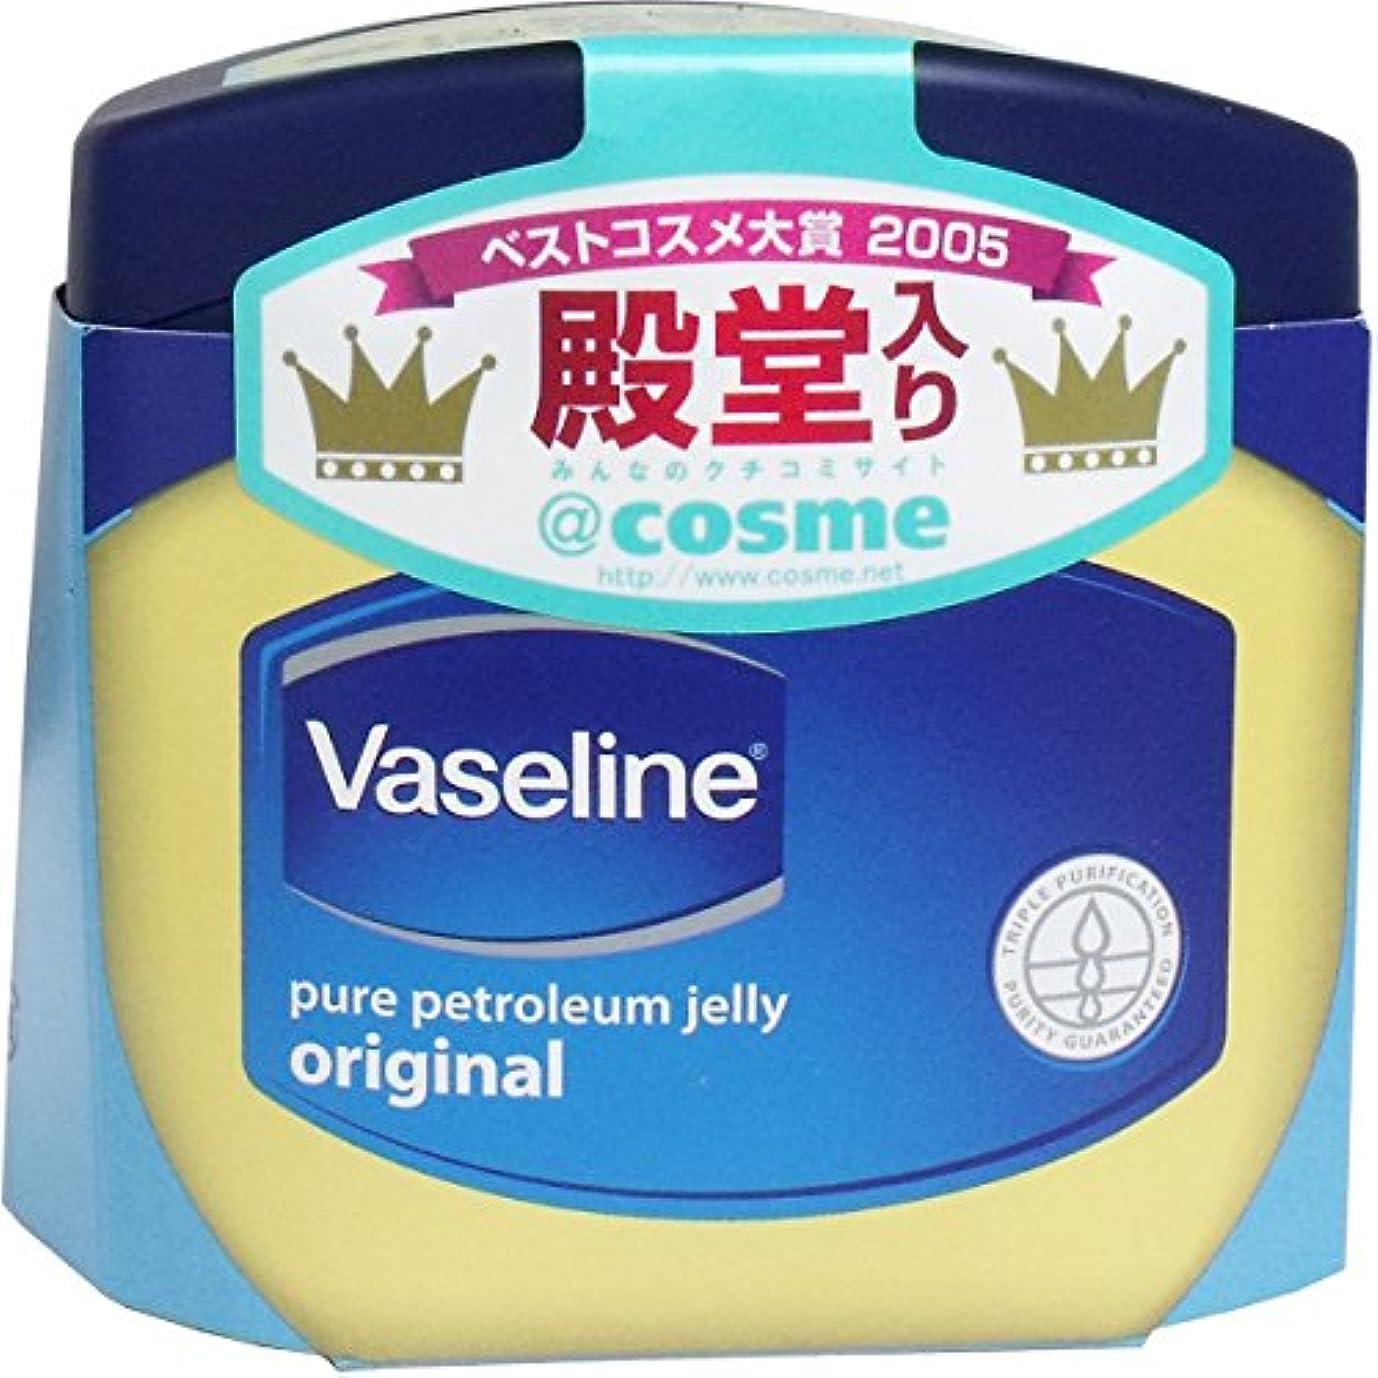 オゾン無限代表団【Vaseline】ヴァセリン ピュアスキンジェリー (スキンオイル) 200g ×10個セット